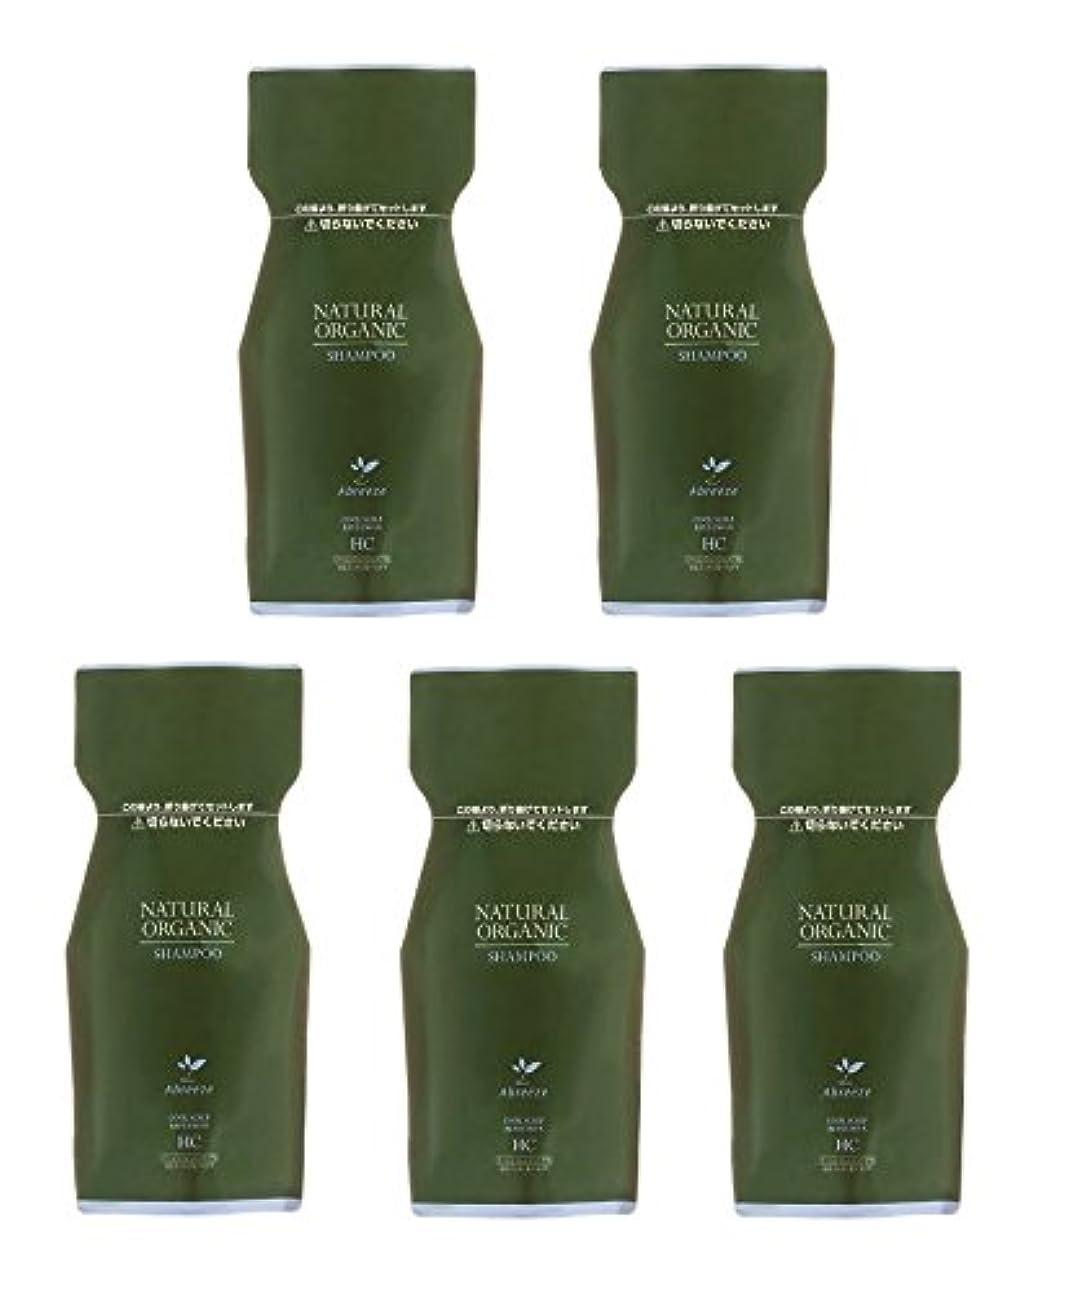 クラック薬用化学薬品【5個セット】 パシフィックプロダクツ アブリーゼ ナチュラルオーガニック シャンプー HC 600ml レフィル